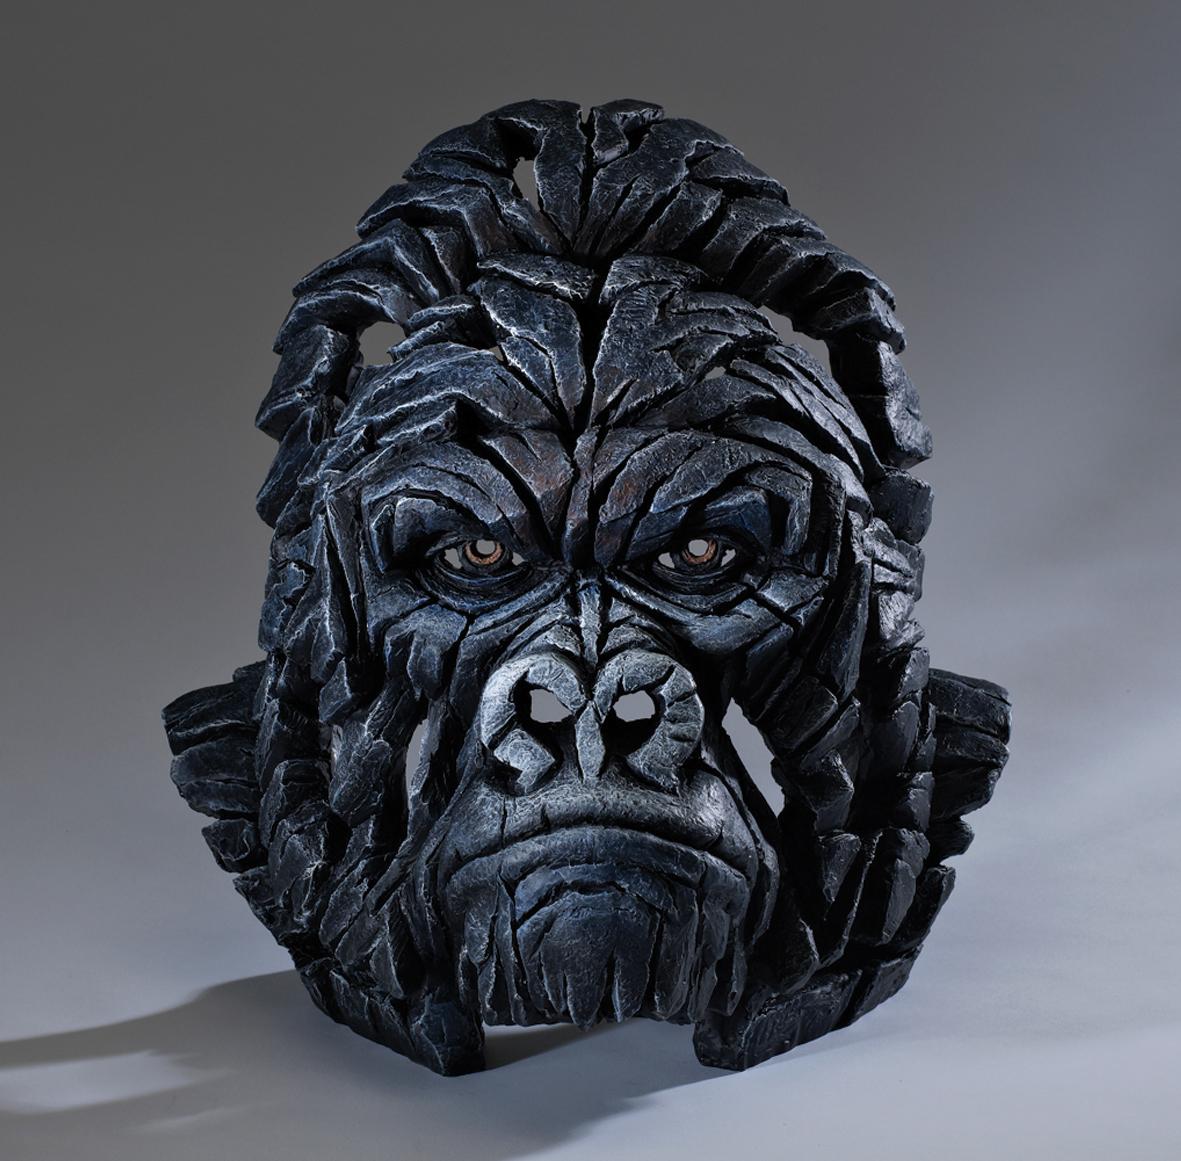 Gorilla - Bust